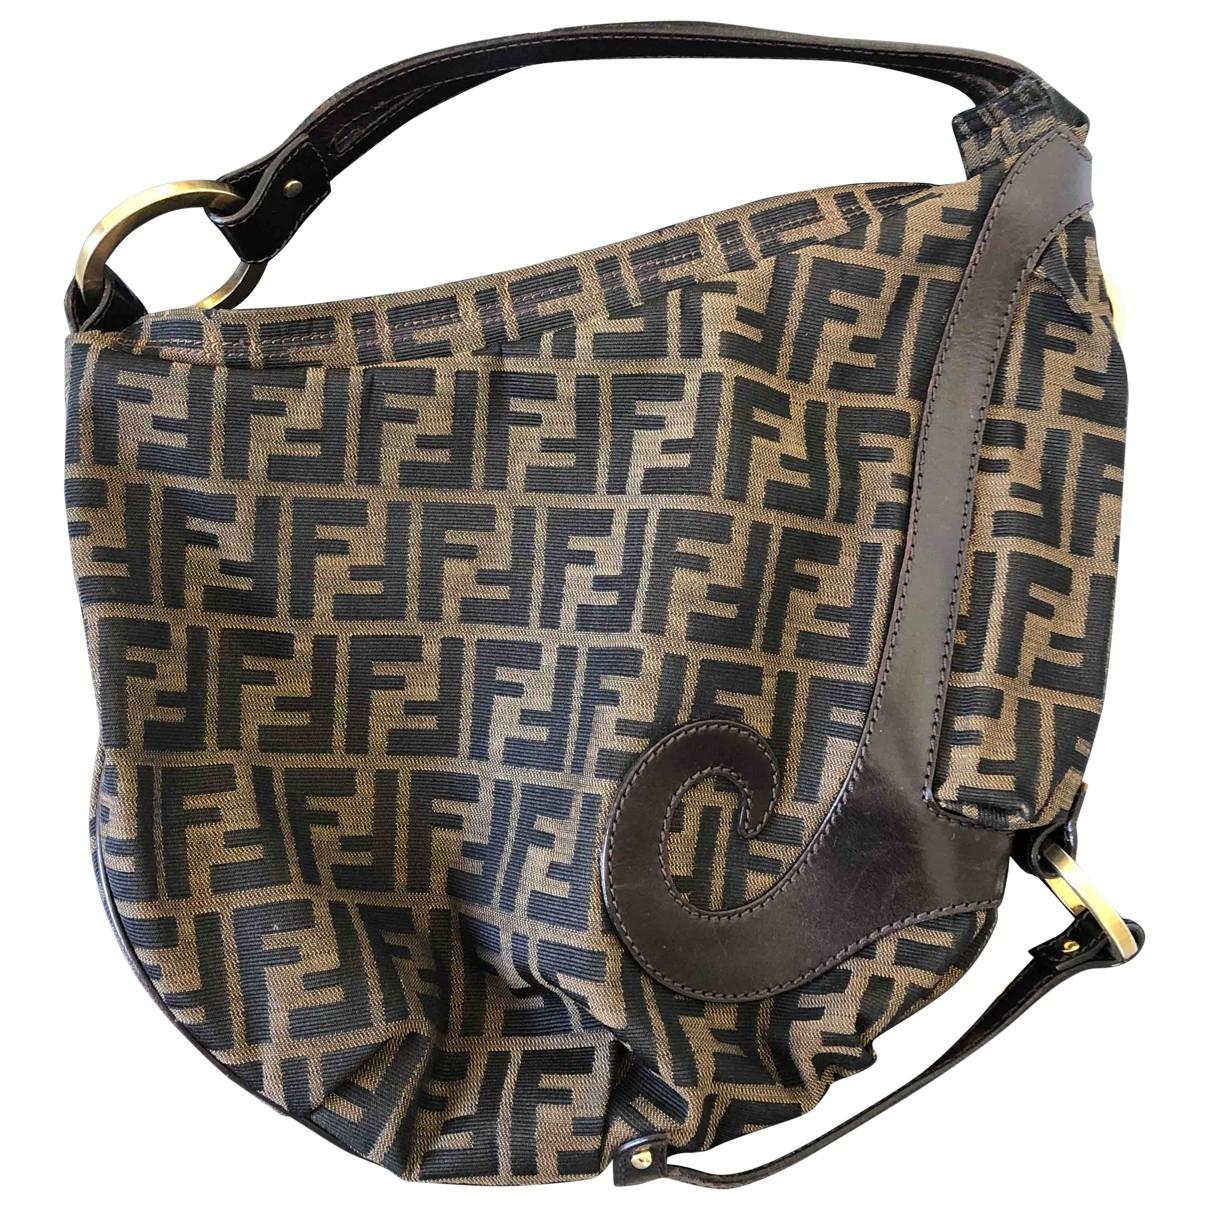 Fendi - Sac a main B Bag pour femme en toile - camel